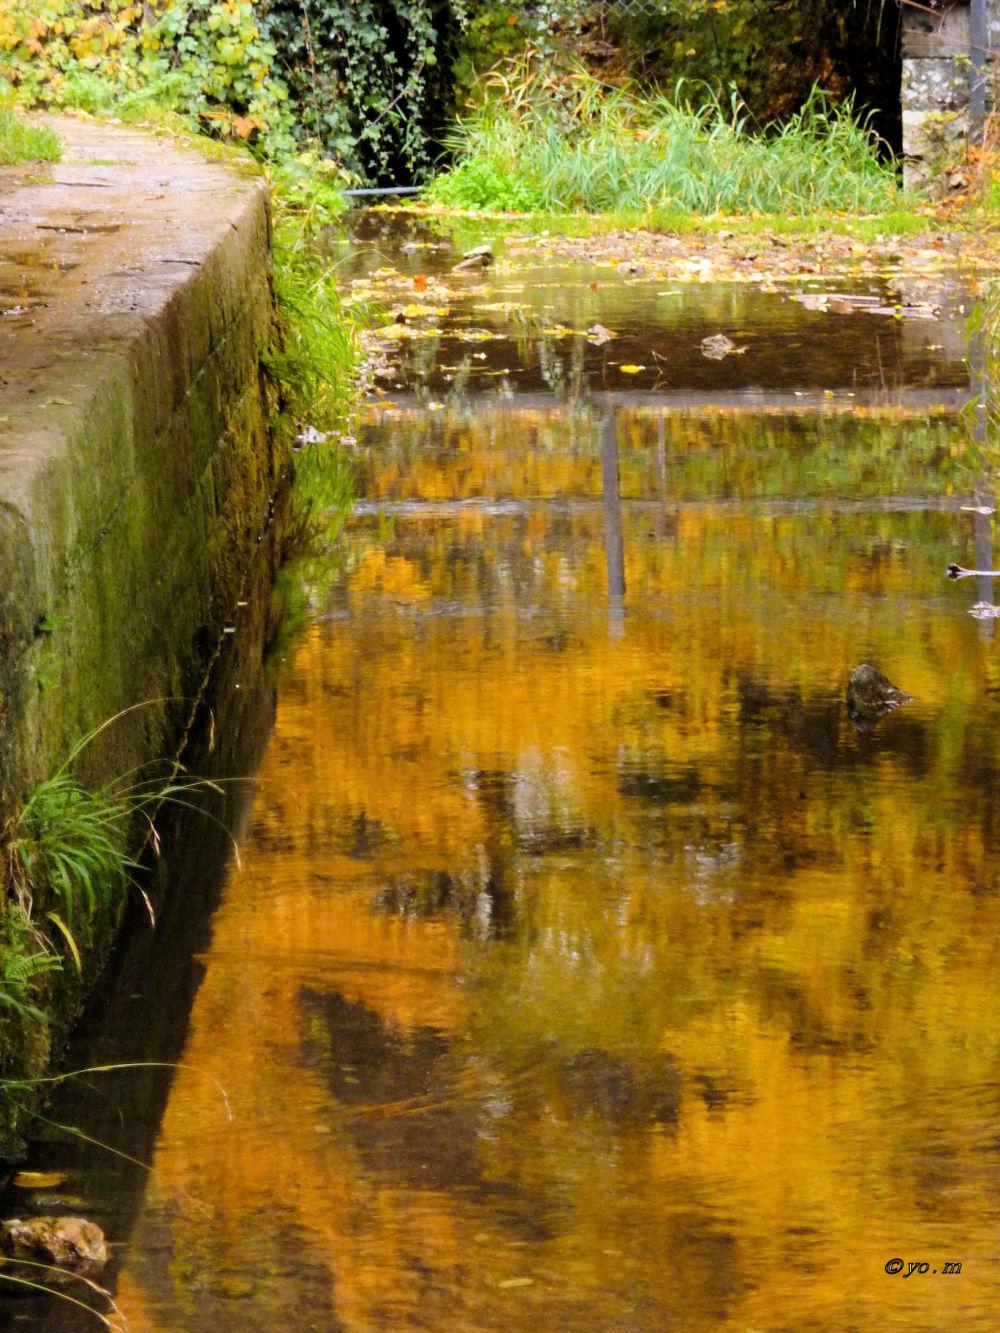 Derniers reflets d'automne  # 1